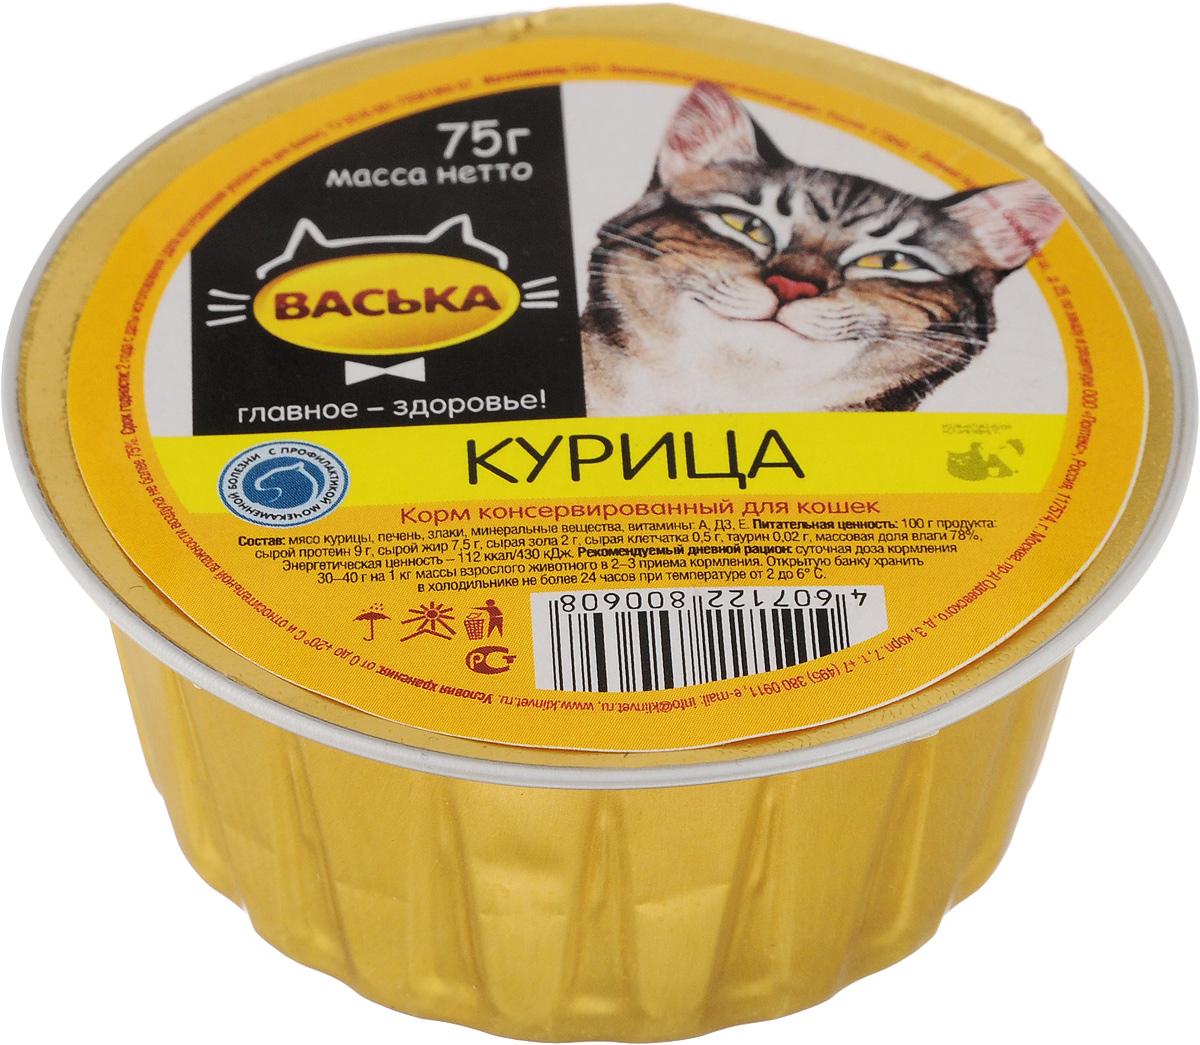 Консервы для кошек Васька, для профилактики мочекаменных болезней, курица, 75 г0608Консервированный корм Васька - это сбалансированное и полнорационное питание, которое обеспечит вашего питомца необходимыми белками, жирами, витаминами и микроэлементами. Нежный паштет порадует кошек любых возрастов и вкусовых предпочтений. Высокий процент содержания влаги в продукте является отличной профилактикой возникновения мочекаменной болезни. Корм абсолютно натуральный, не содержит ГМО, ароматизаторов и искусственных красителей. Удобная одноразовая упаковка сохраняет корм свежим и позволяет контролировать порцию потребления.Товар сертифицирован.